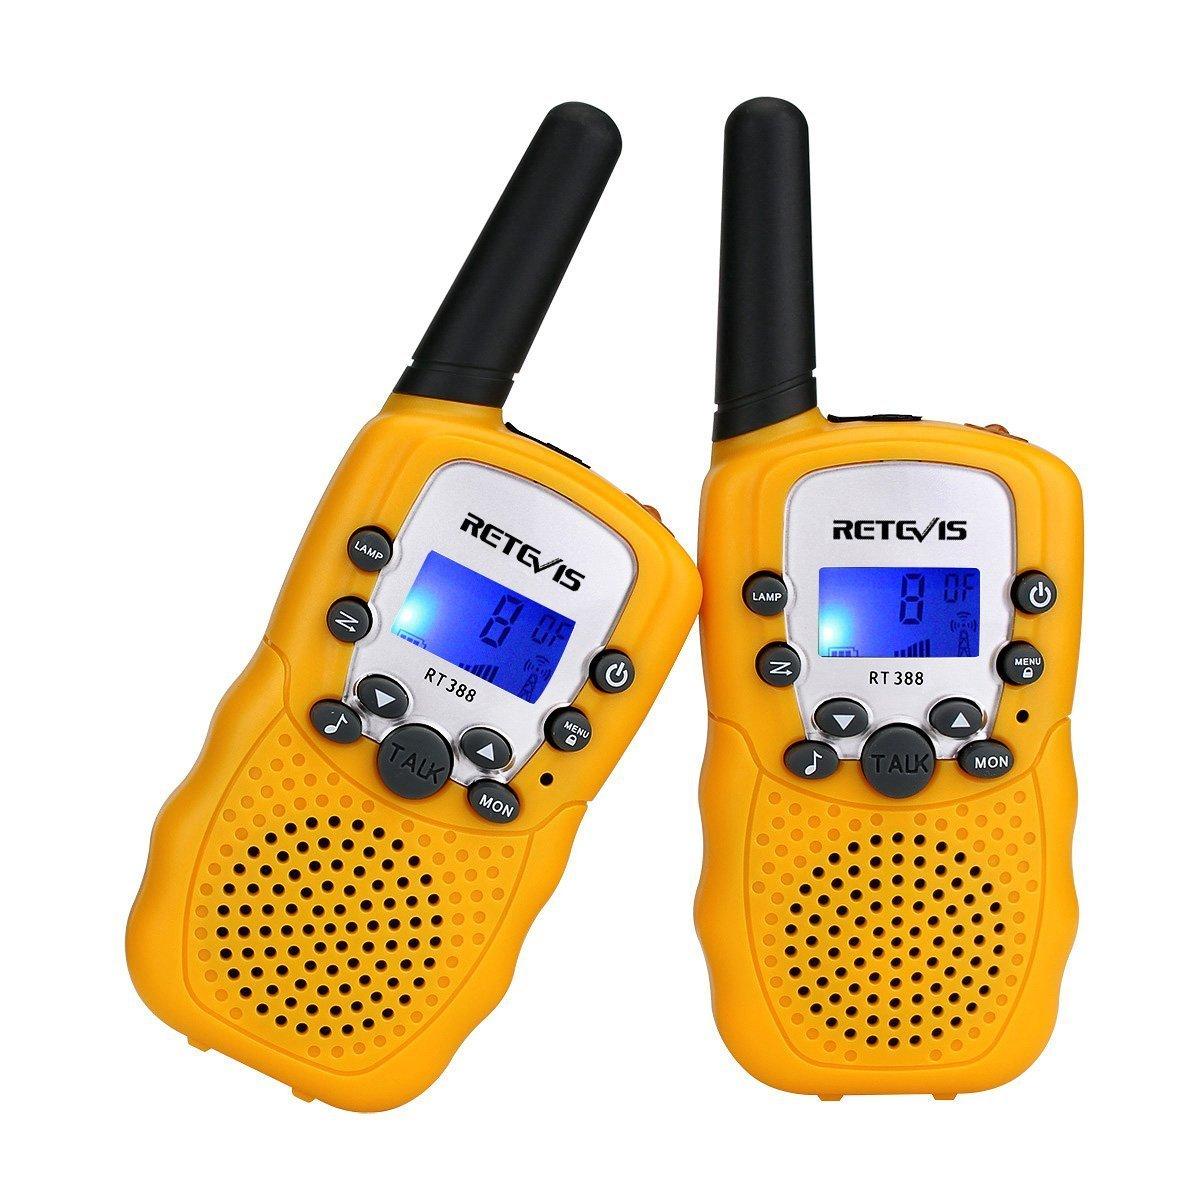 Retevis RT388 Walkie Talkie Niños PMR446 8 Canales LCD Pantalla Función VOX 10 Tonos de Llamada Bloqueo de Canal Linterna Incorporado (Azul, 1 Par) RT-388